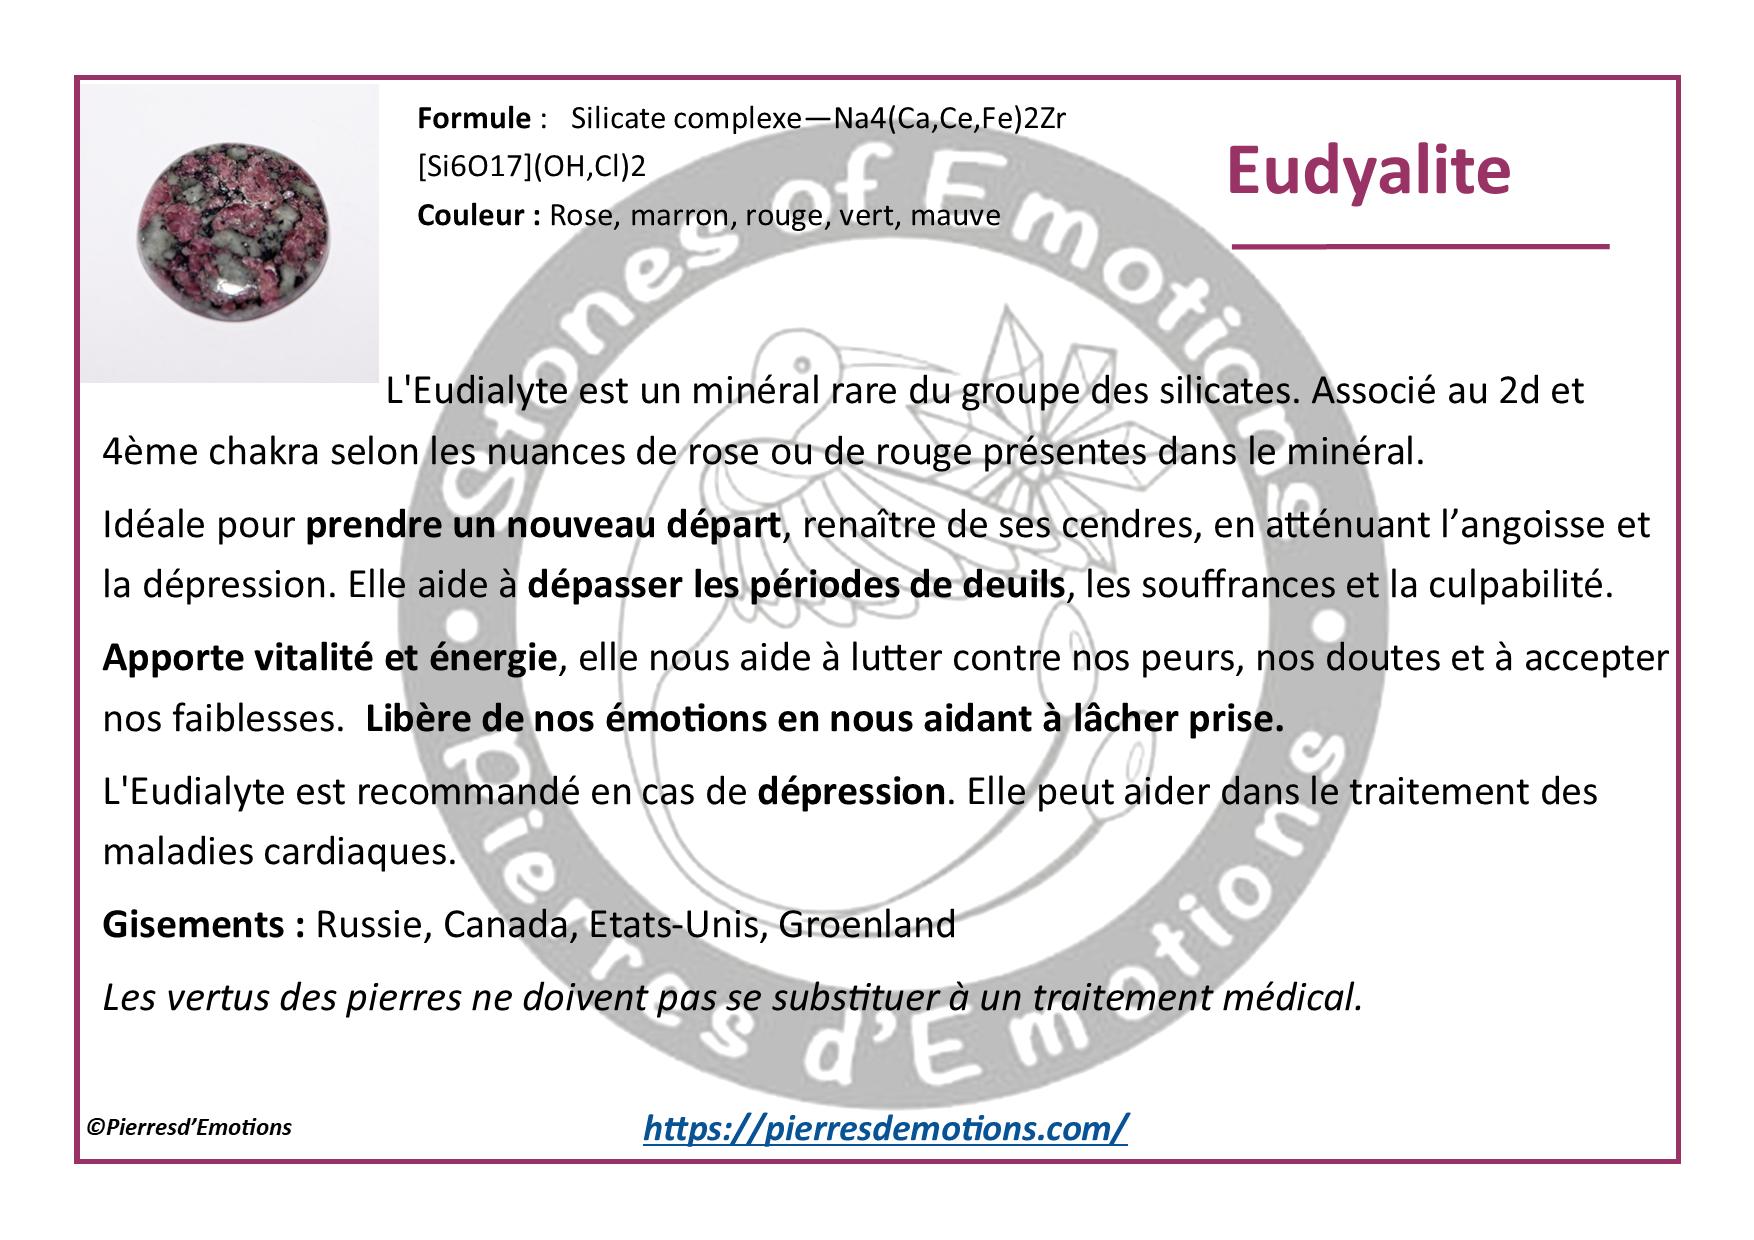 Eudyalite